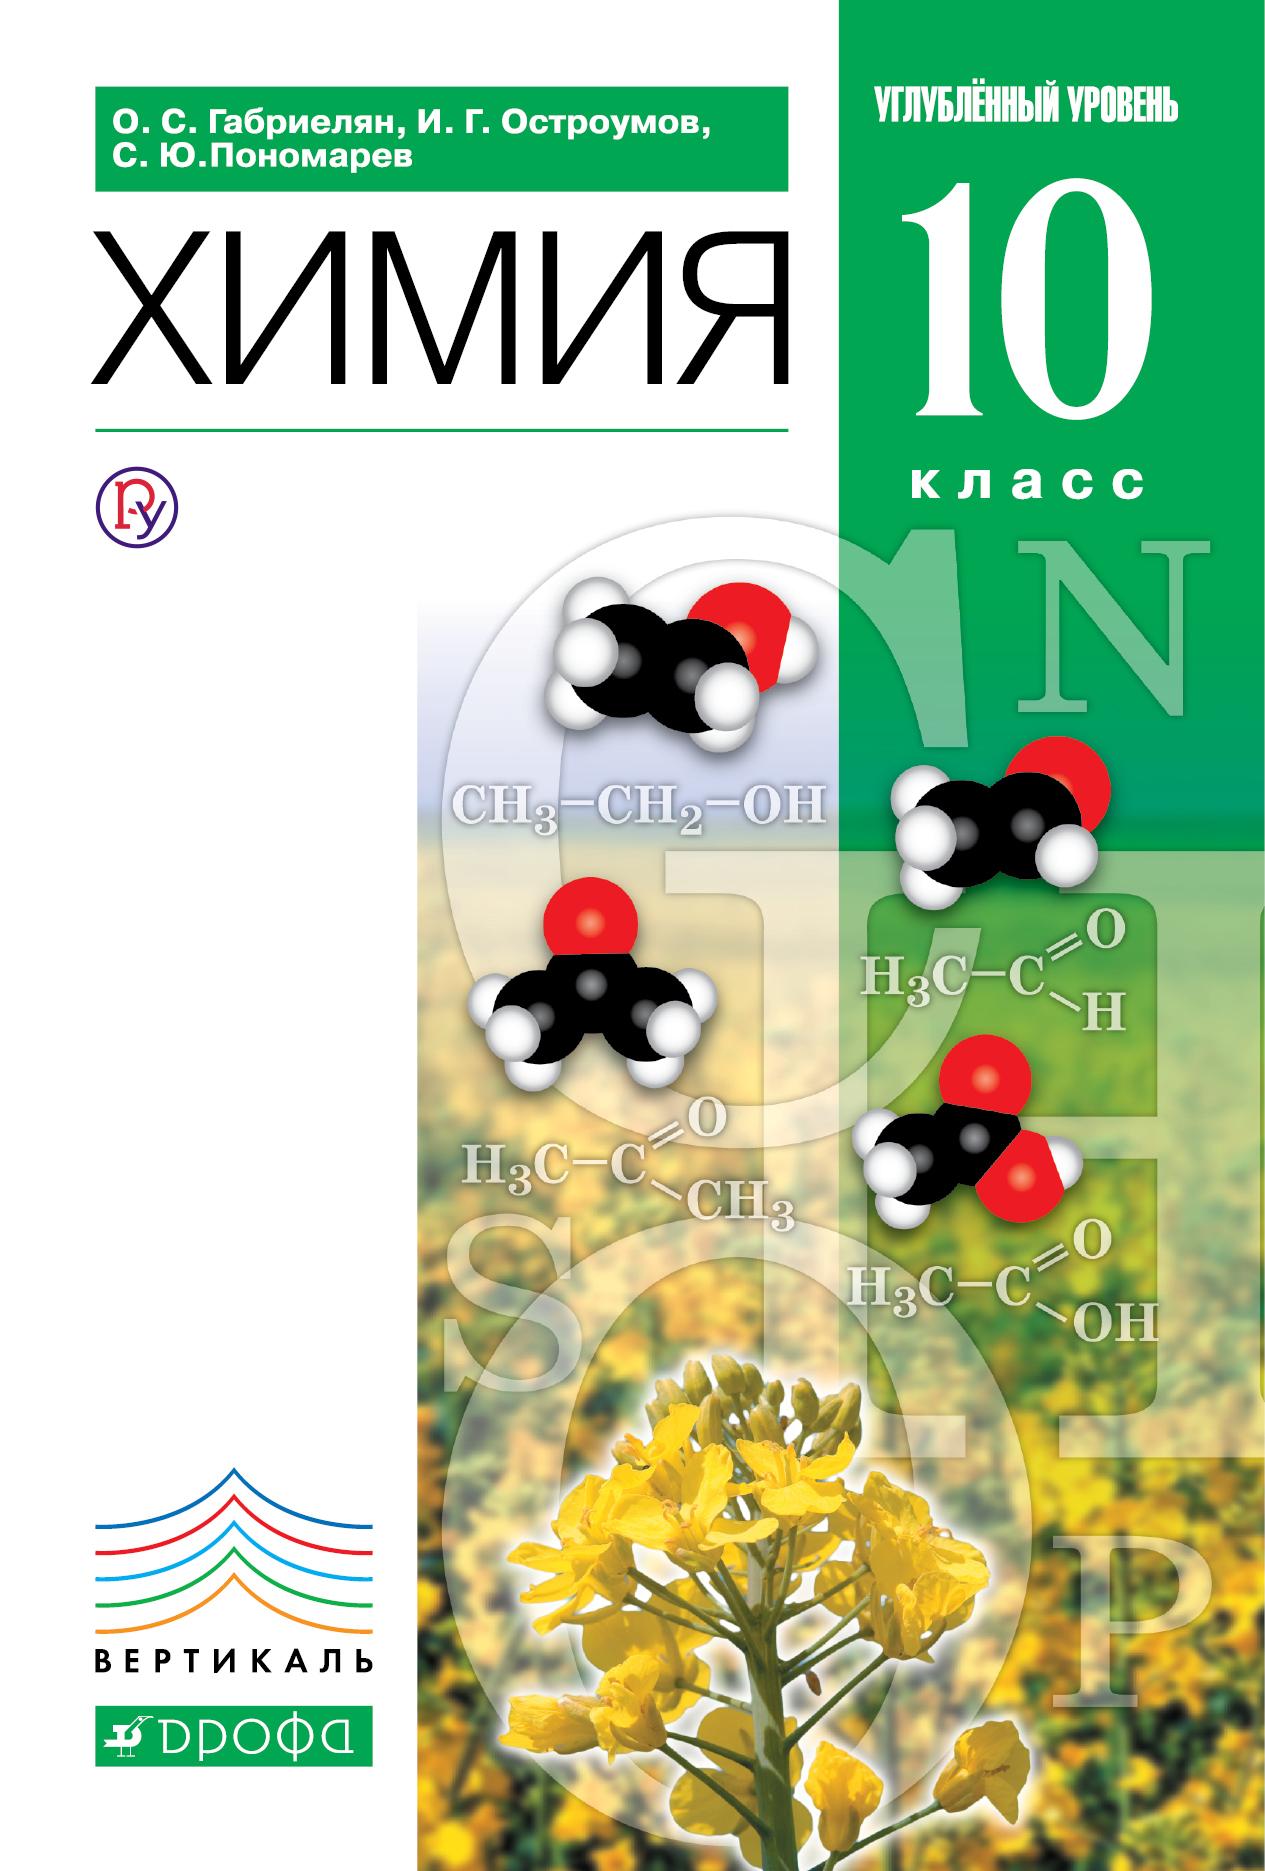 Химия. Углубленный уровень. 10 класс. Учебник ( Габриелян О.С., Пономарев С.Ю., Остроумов И.Г.  )